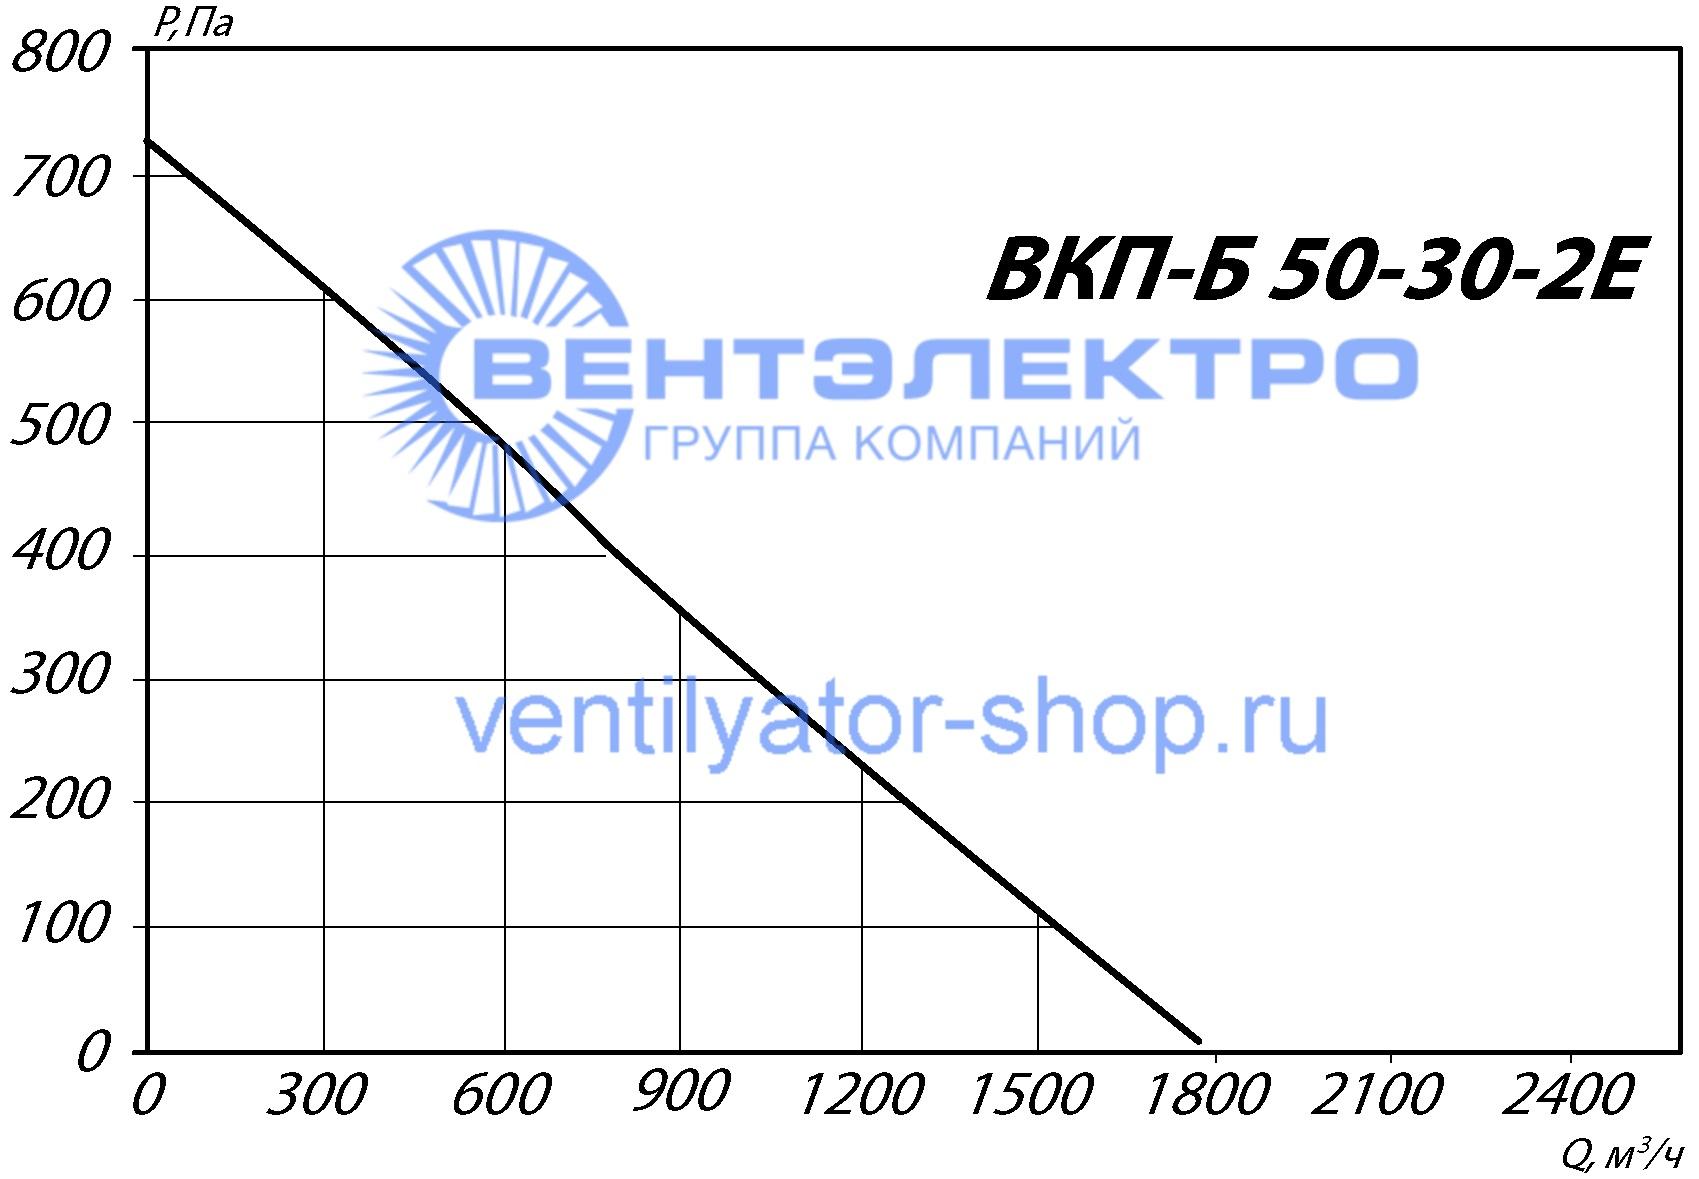 График аэродинамических характеристик ВКП-Б 50-30-2Е